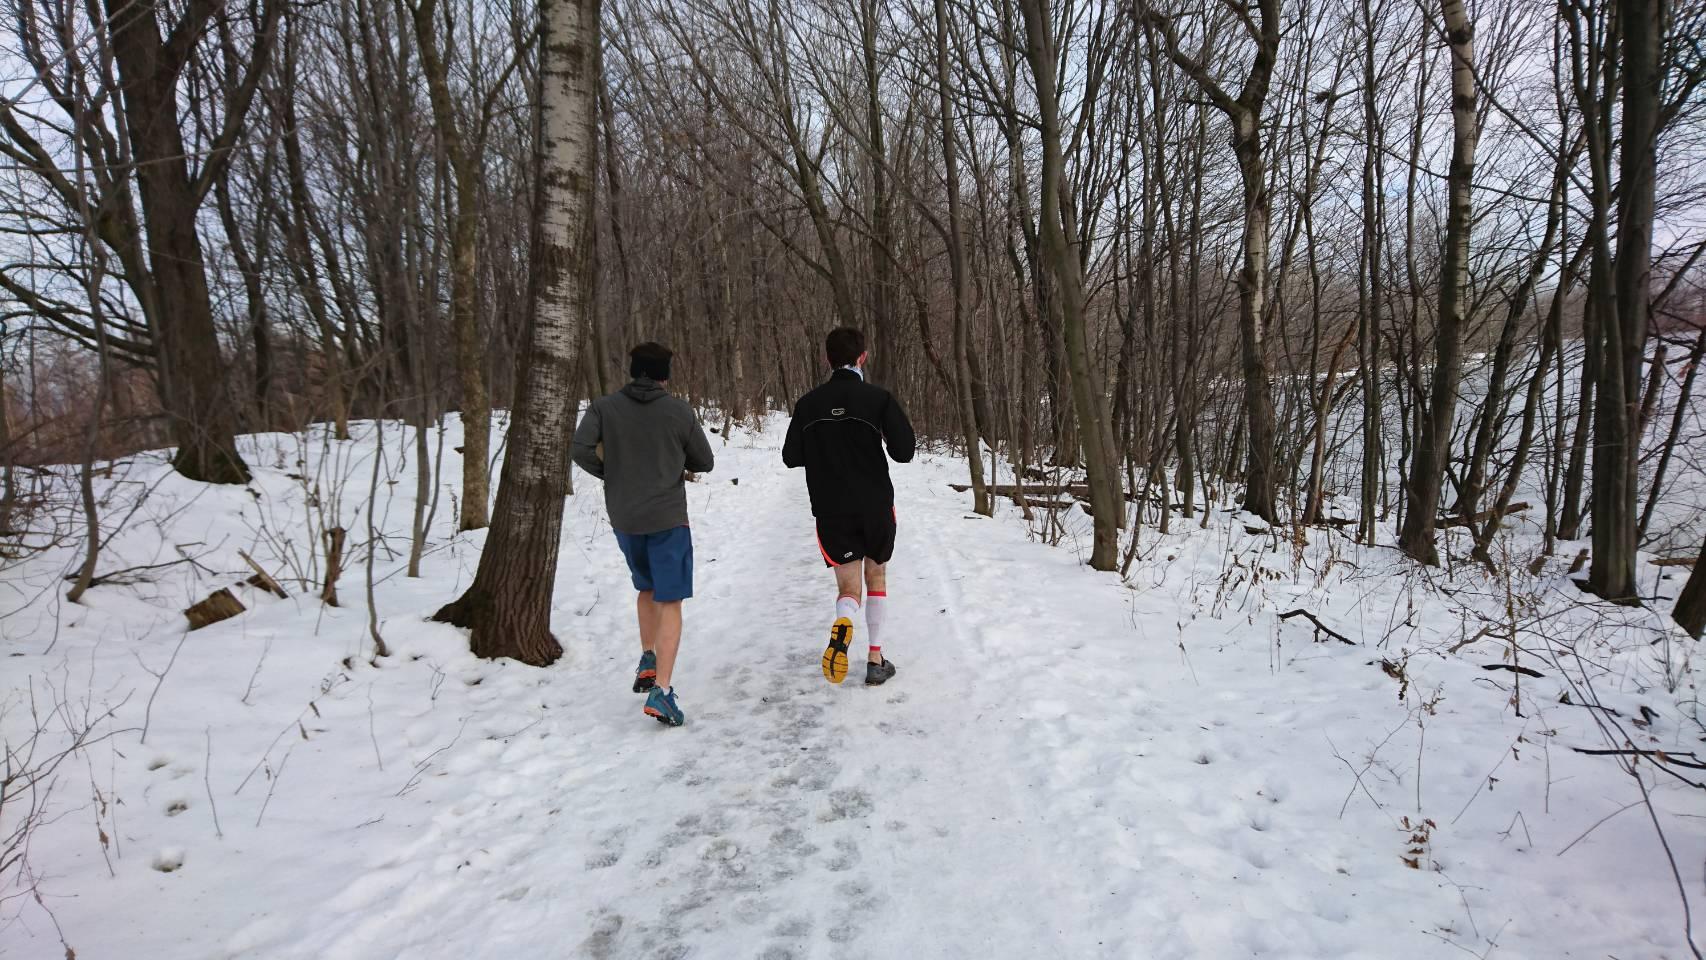 雪の中、薄着でスポーツをする人たち